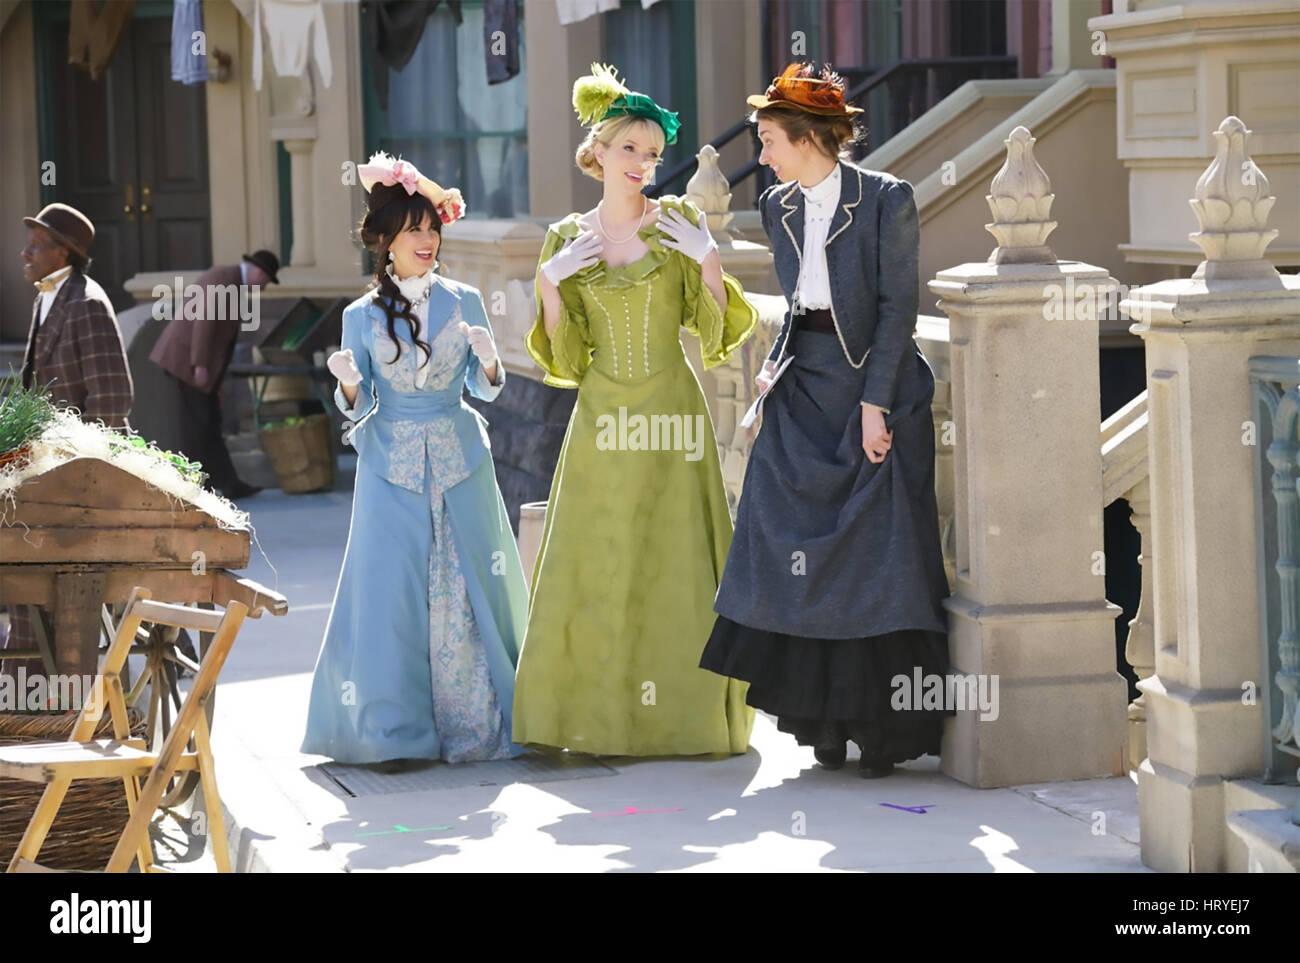 Un altro periodo centrale di commedia serie TV con da sinistra Natasha Leggero, Riki Lindhome, Lauren Lapkus Immagini Stock